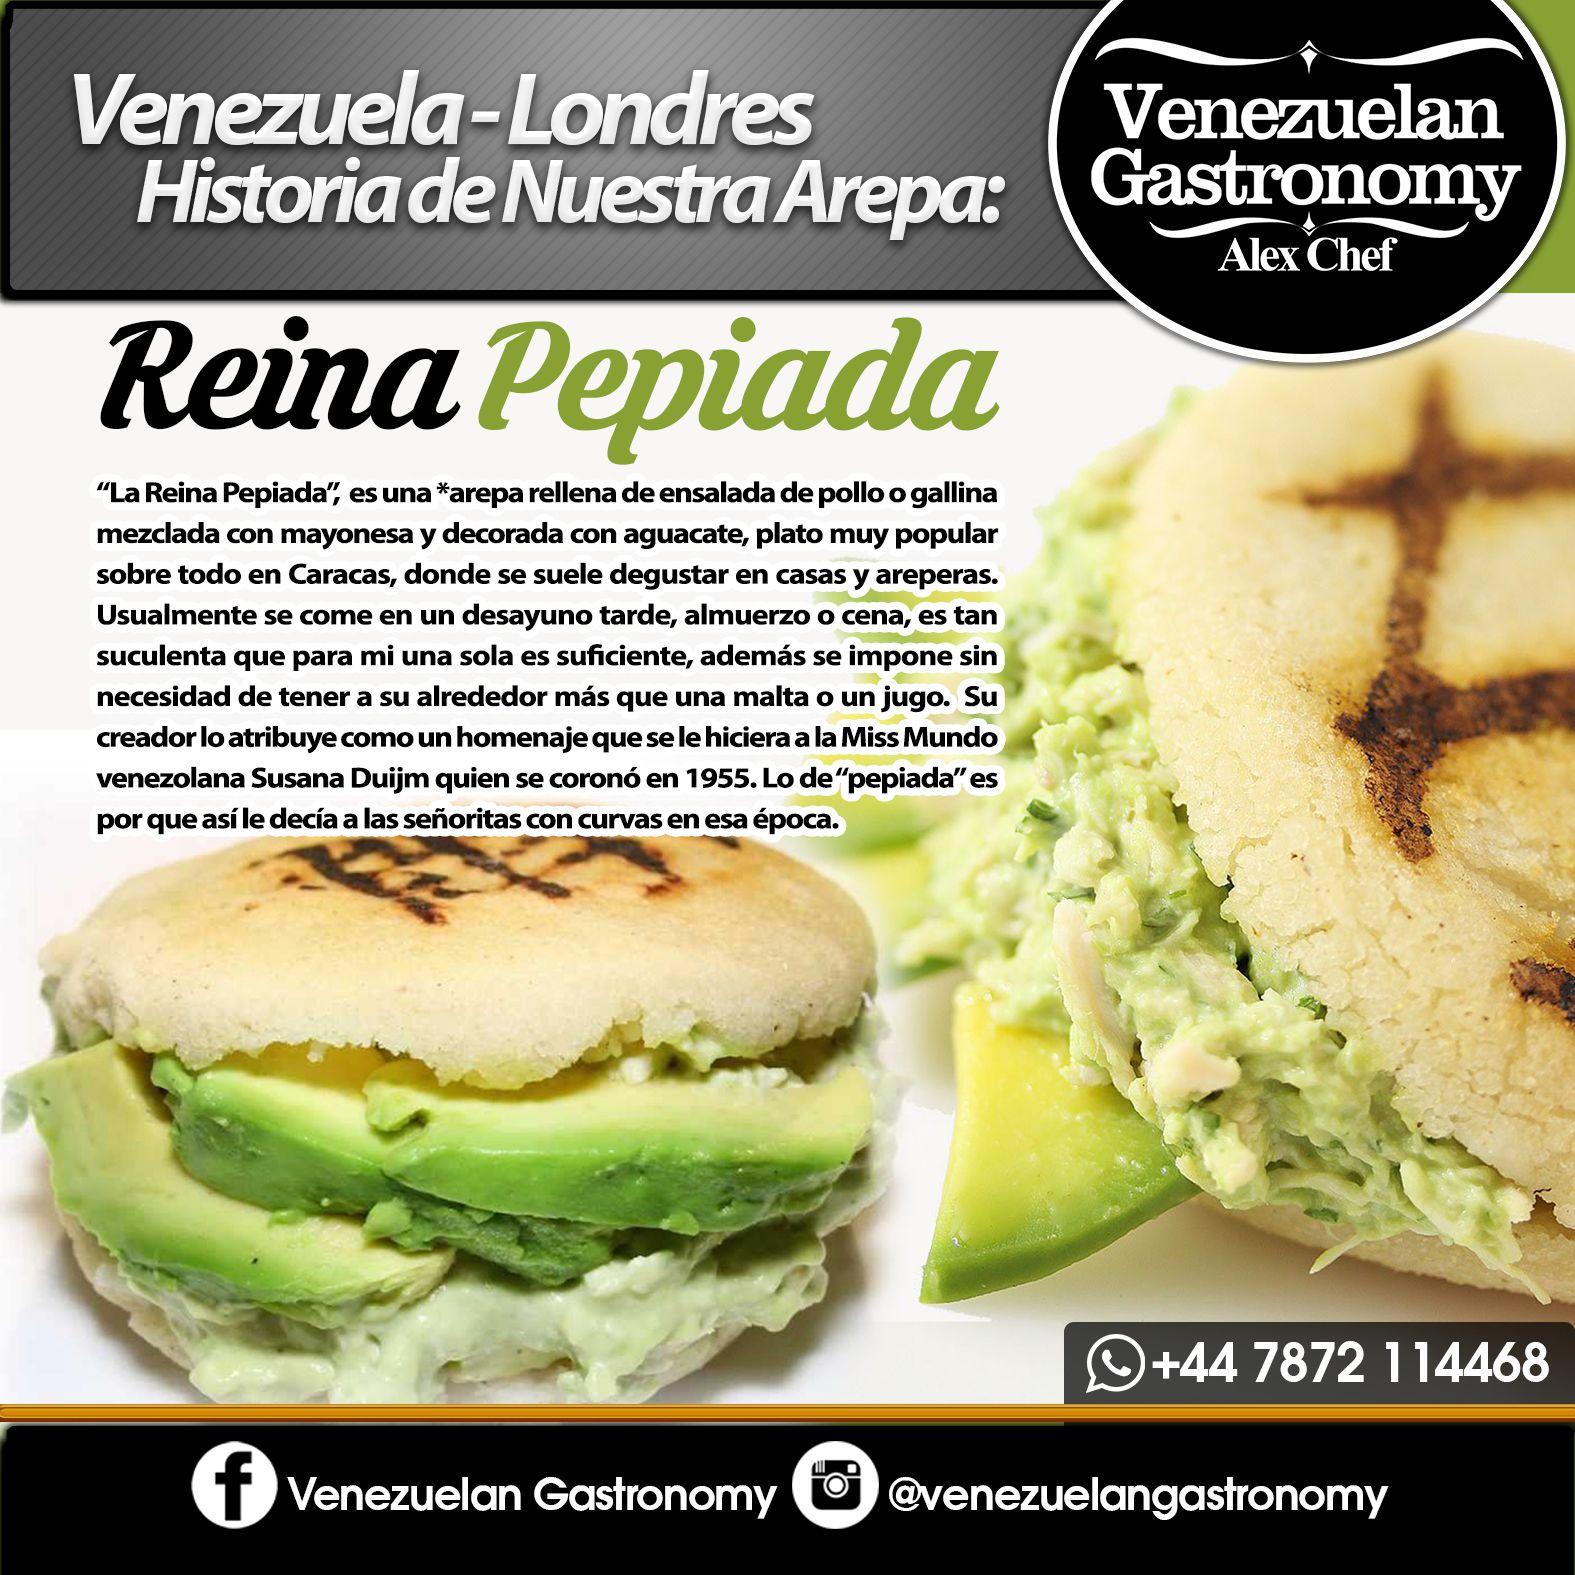 DISEÑO PARA REDES SOCIALES DE VENEZUELAN GASTRONOMY CON SUS.